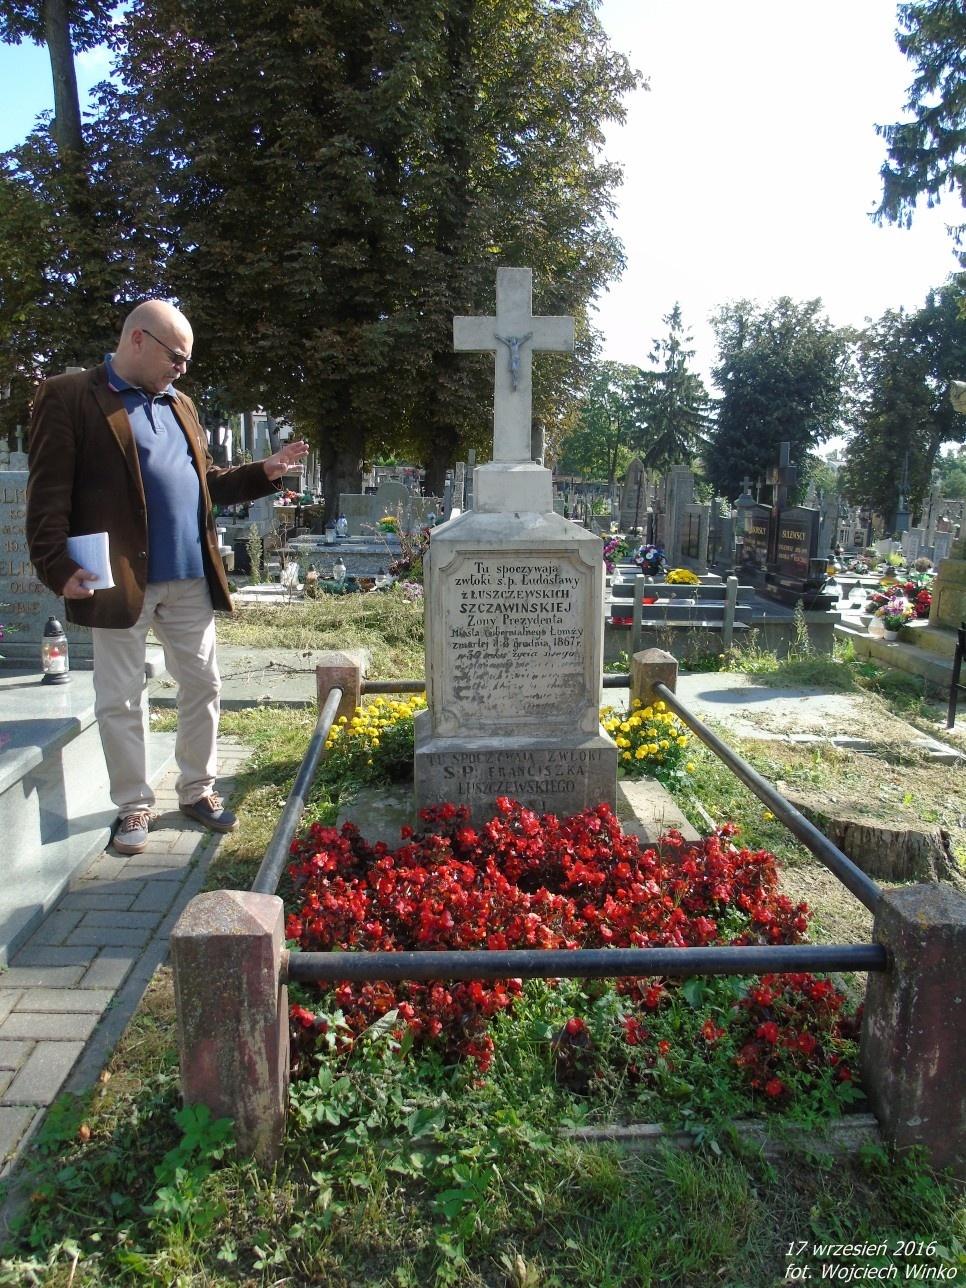 Grobowiec rodziny Szczawińskich, z której wywodzi się Prezydent miasta Łomży z czasów guberni łomżyńskiej